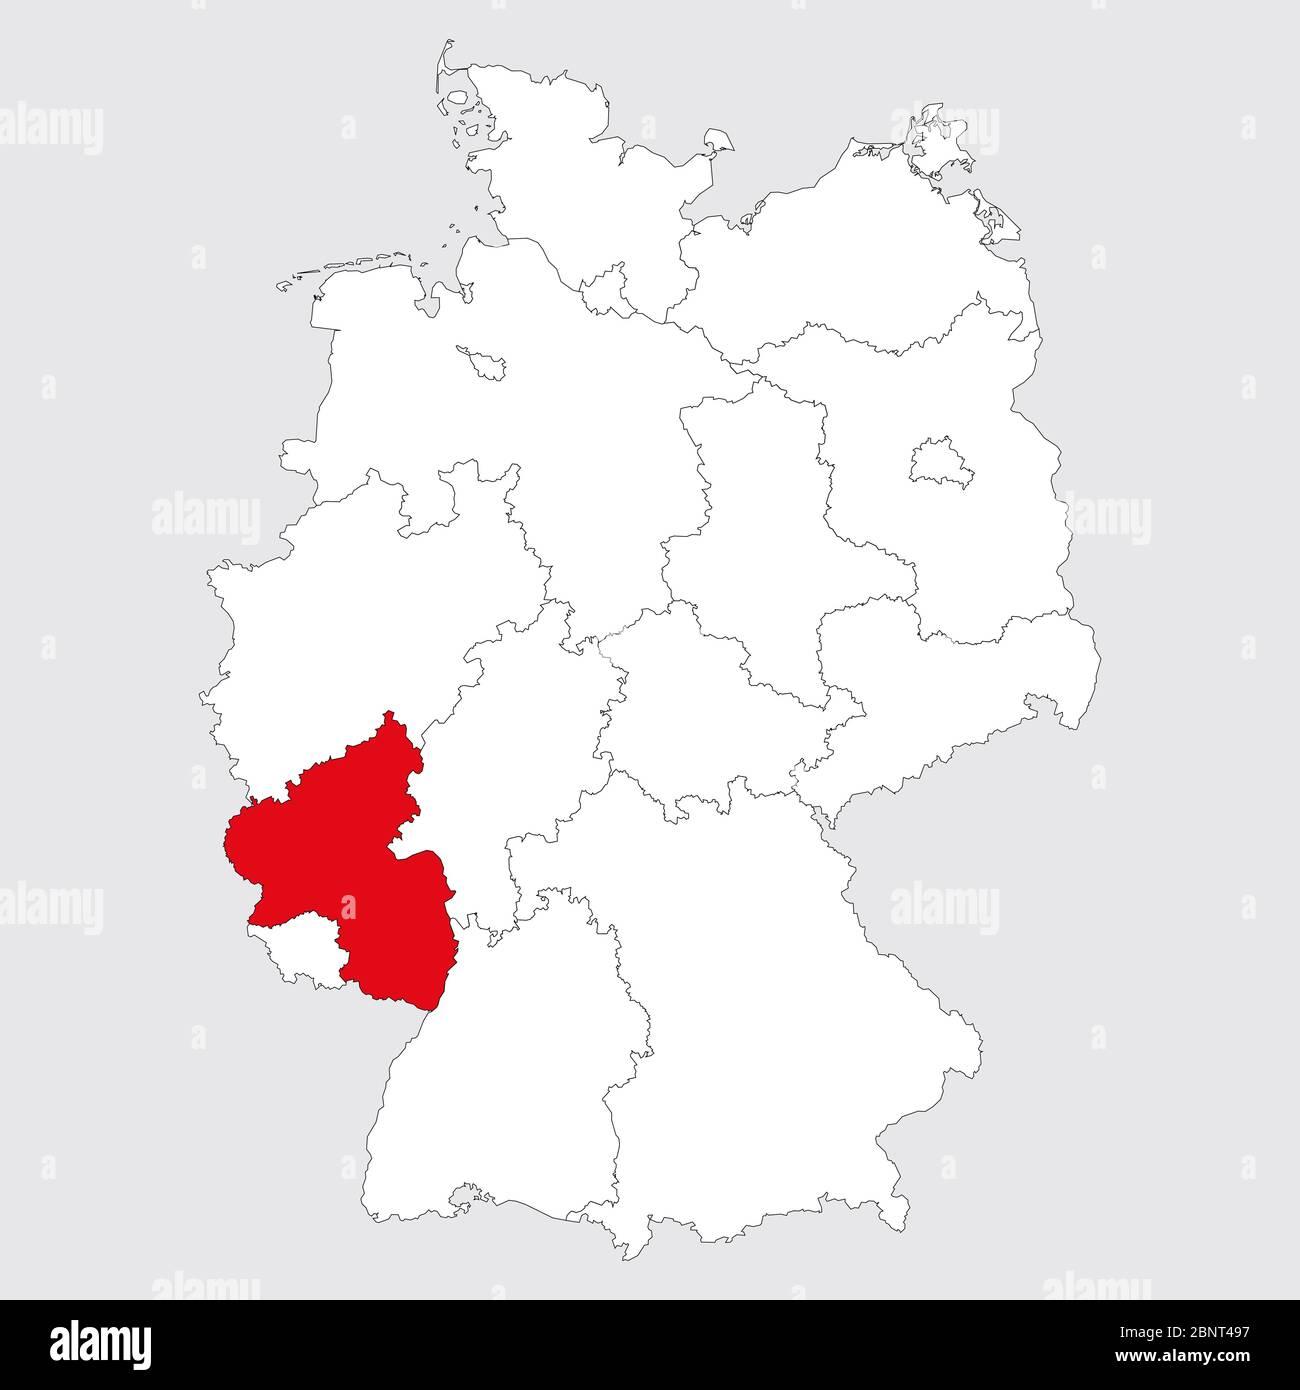 Rheinland Pfalz Vektor Stockfotos Und Bilder Kaufen Alamy